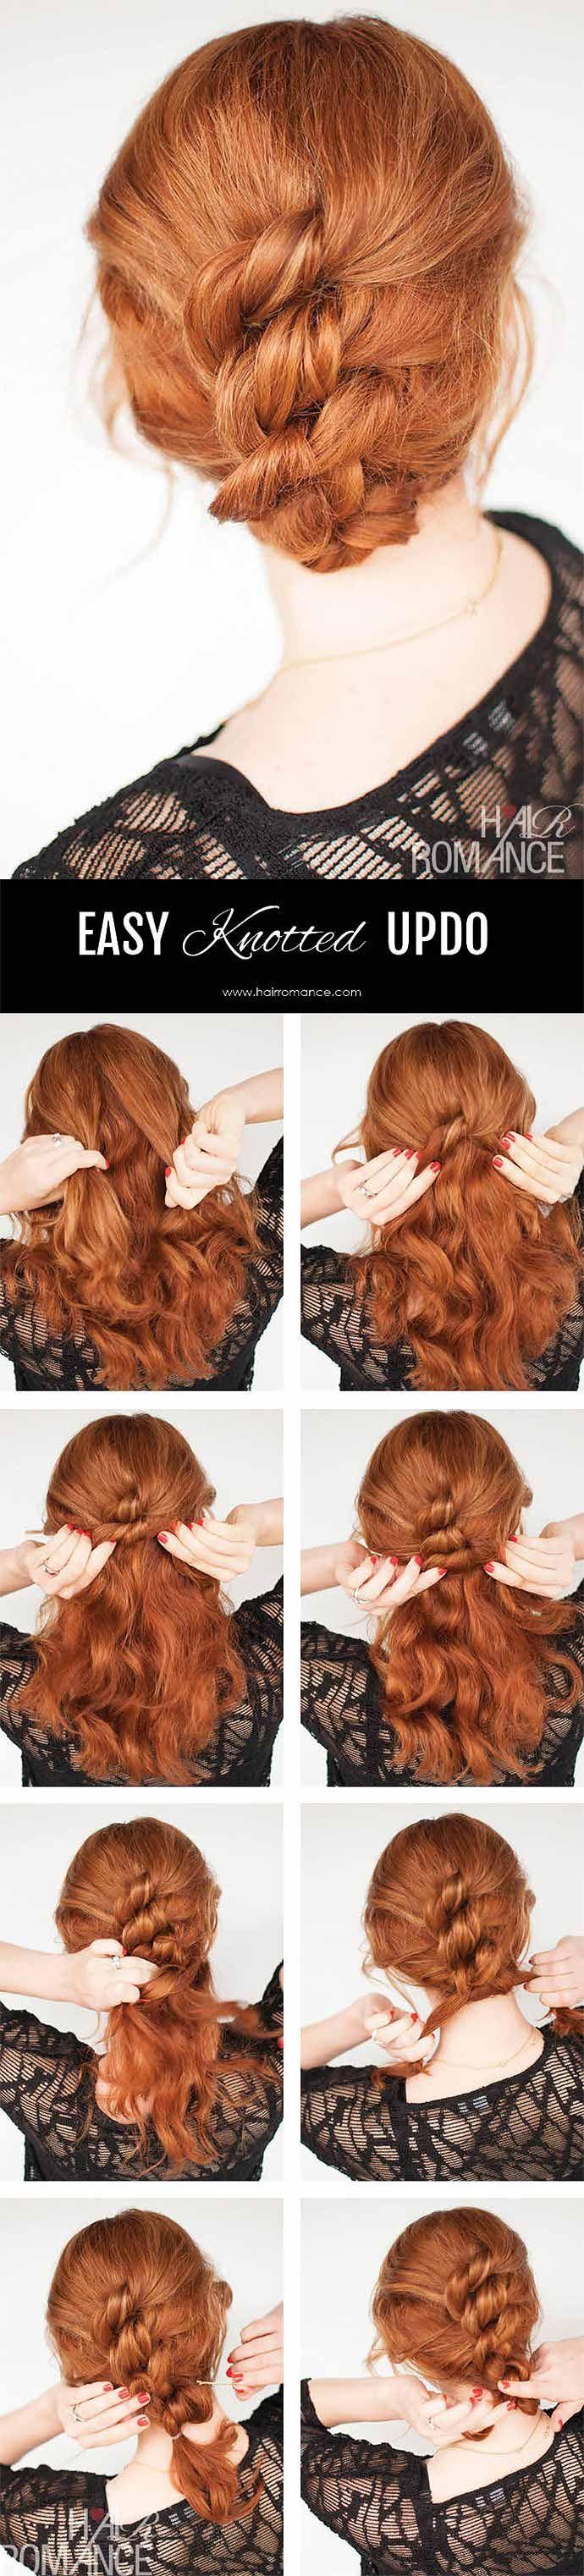 大量!モデリング・キャラデクターザインの参考に。髪の毛の結び方を写真や動画で説明しているサイト『Hair Romance』